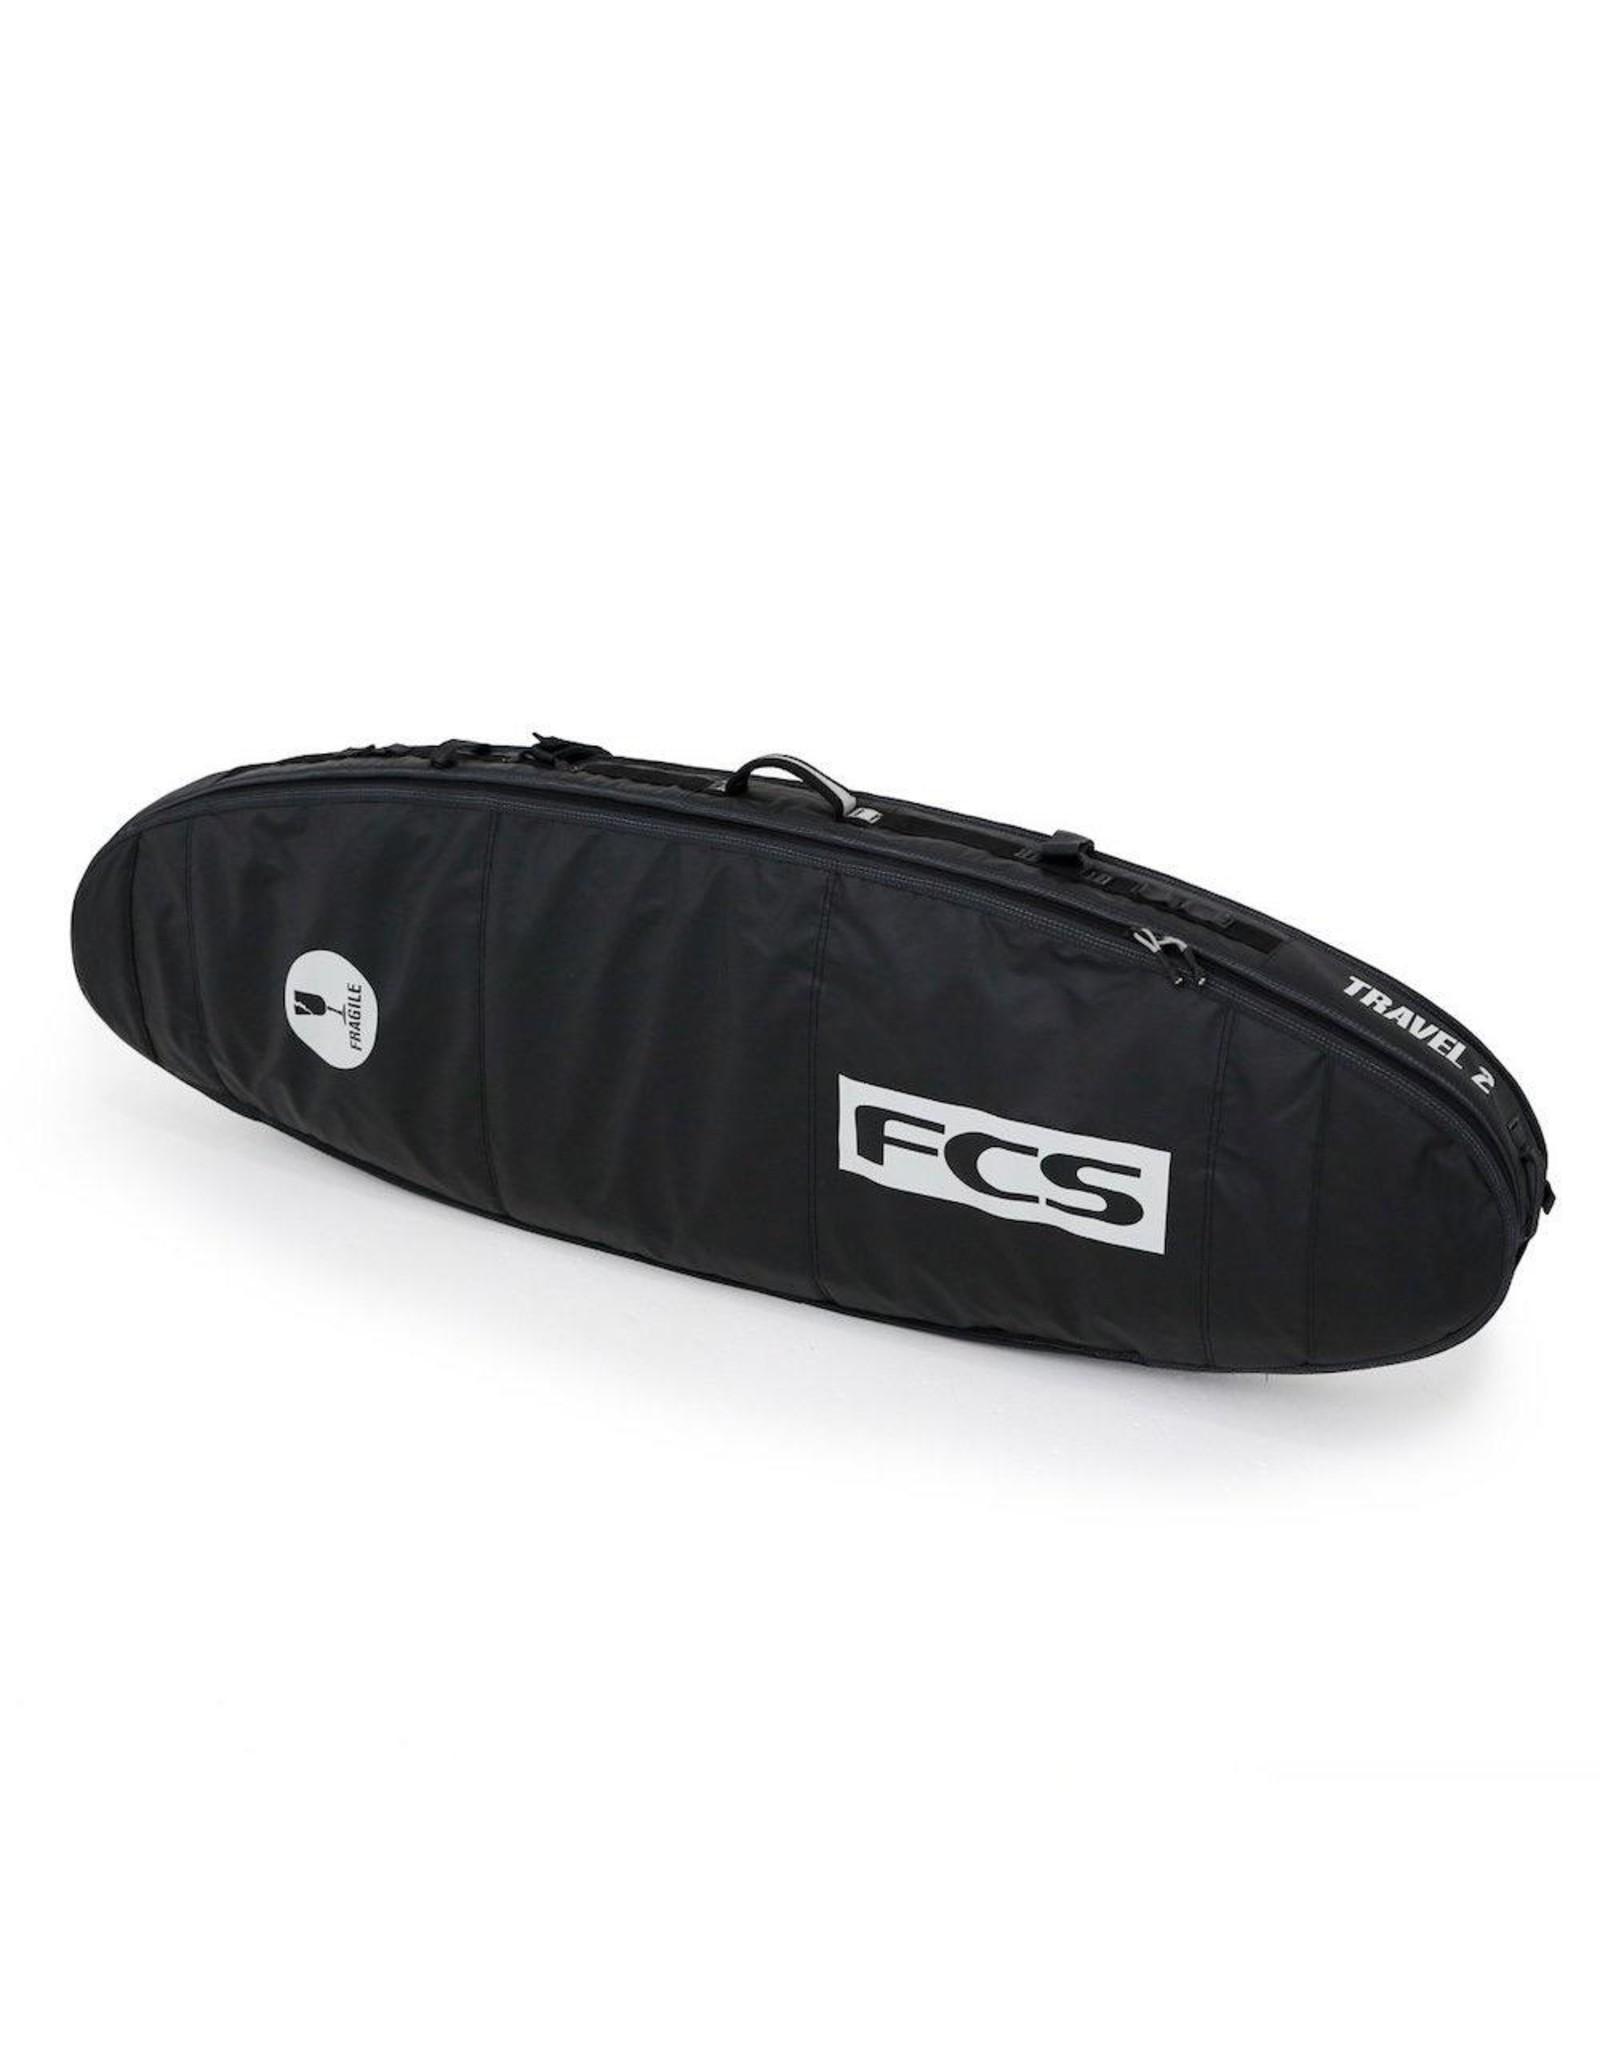 FCS FCS - Travel 2  Fun Board - 8'0 - Black/Grey - Boardbag